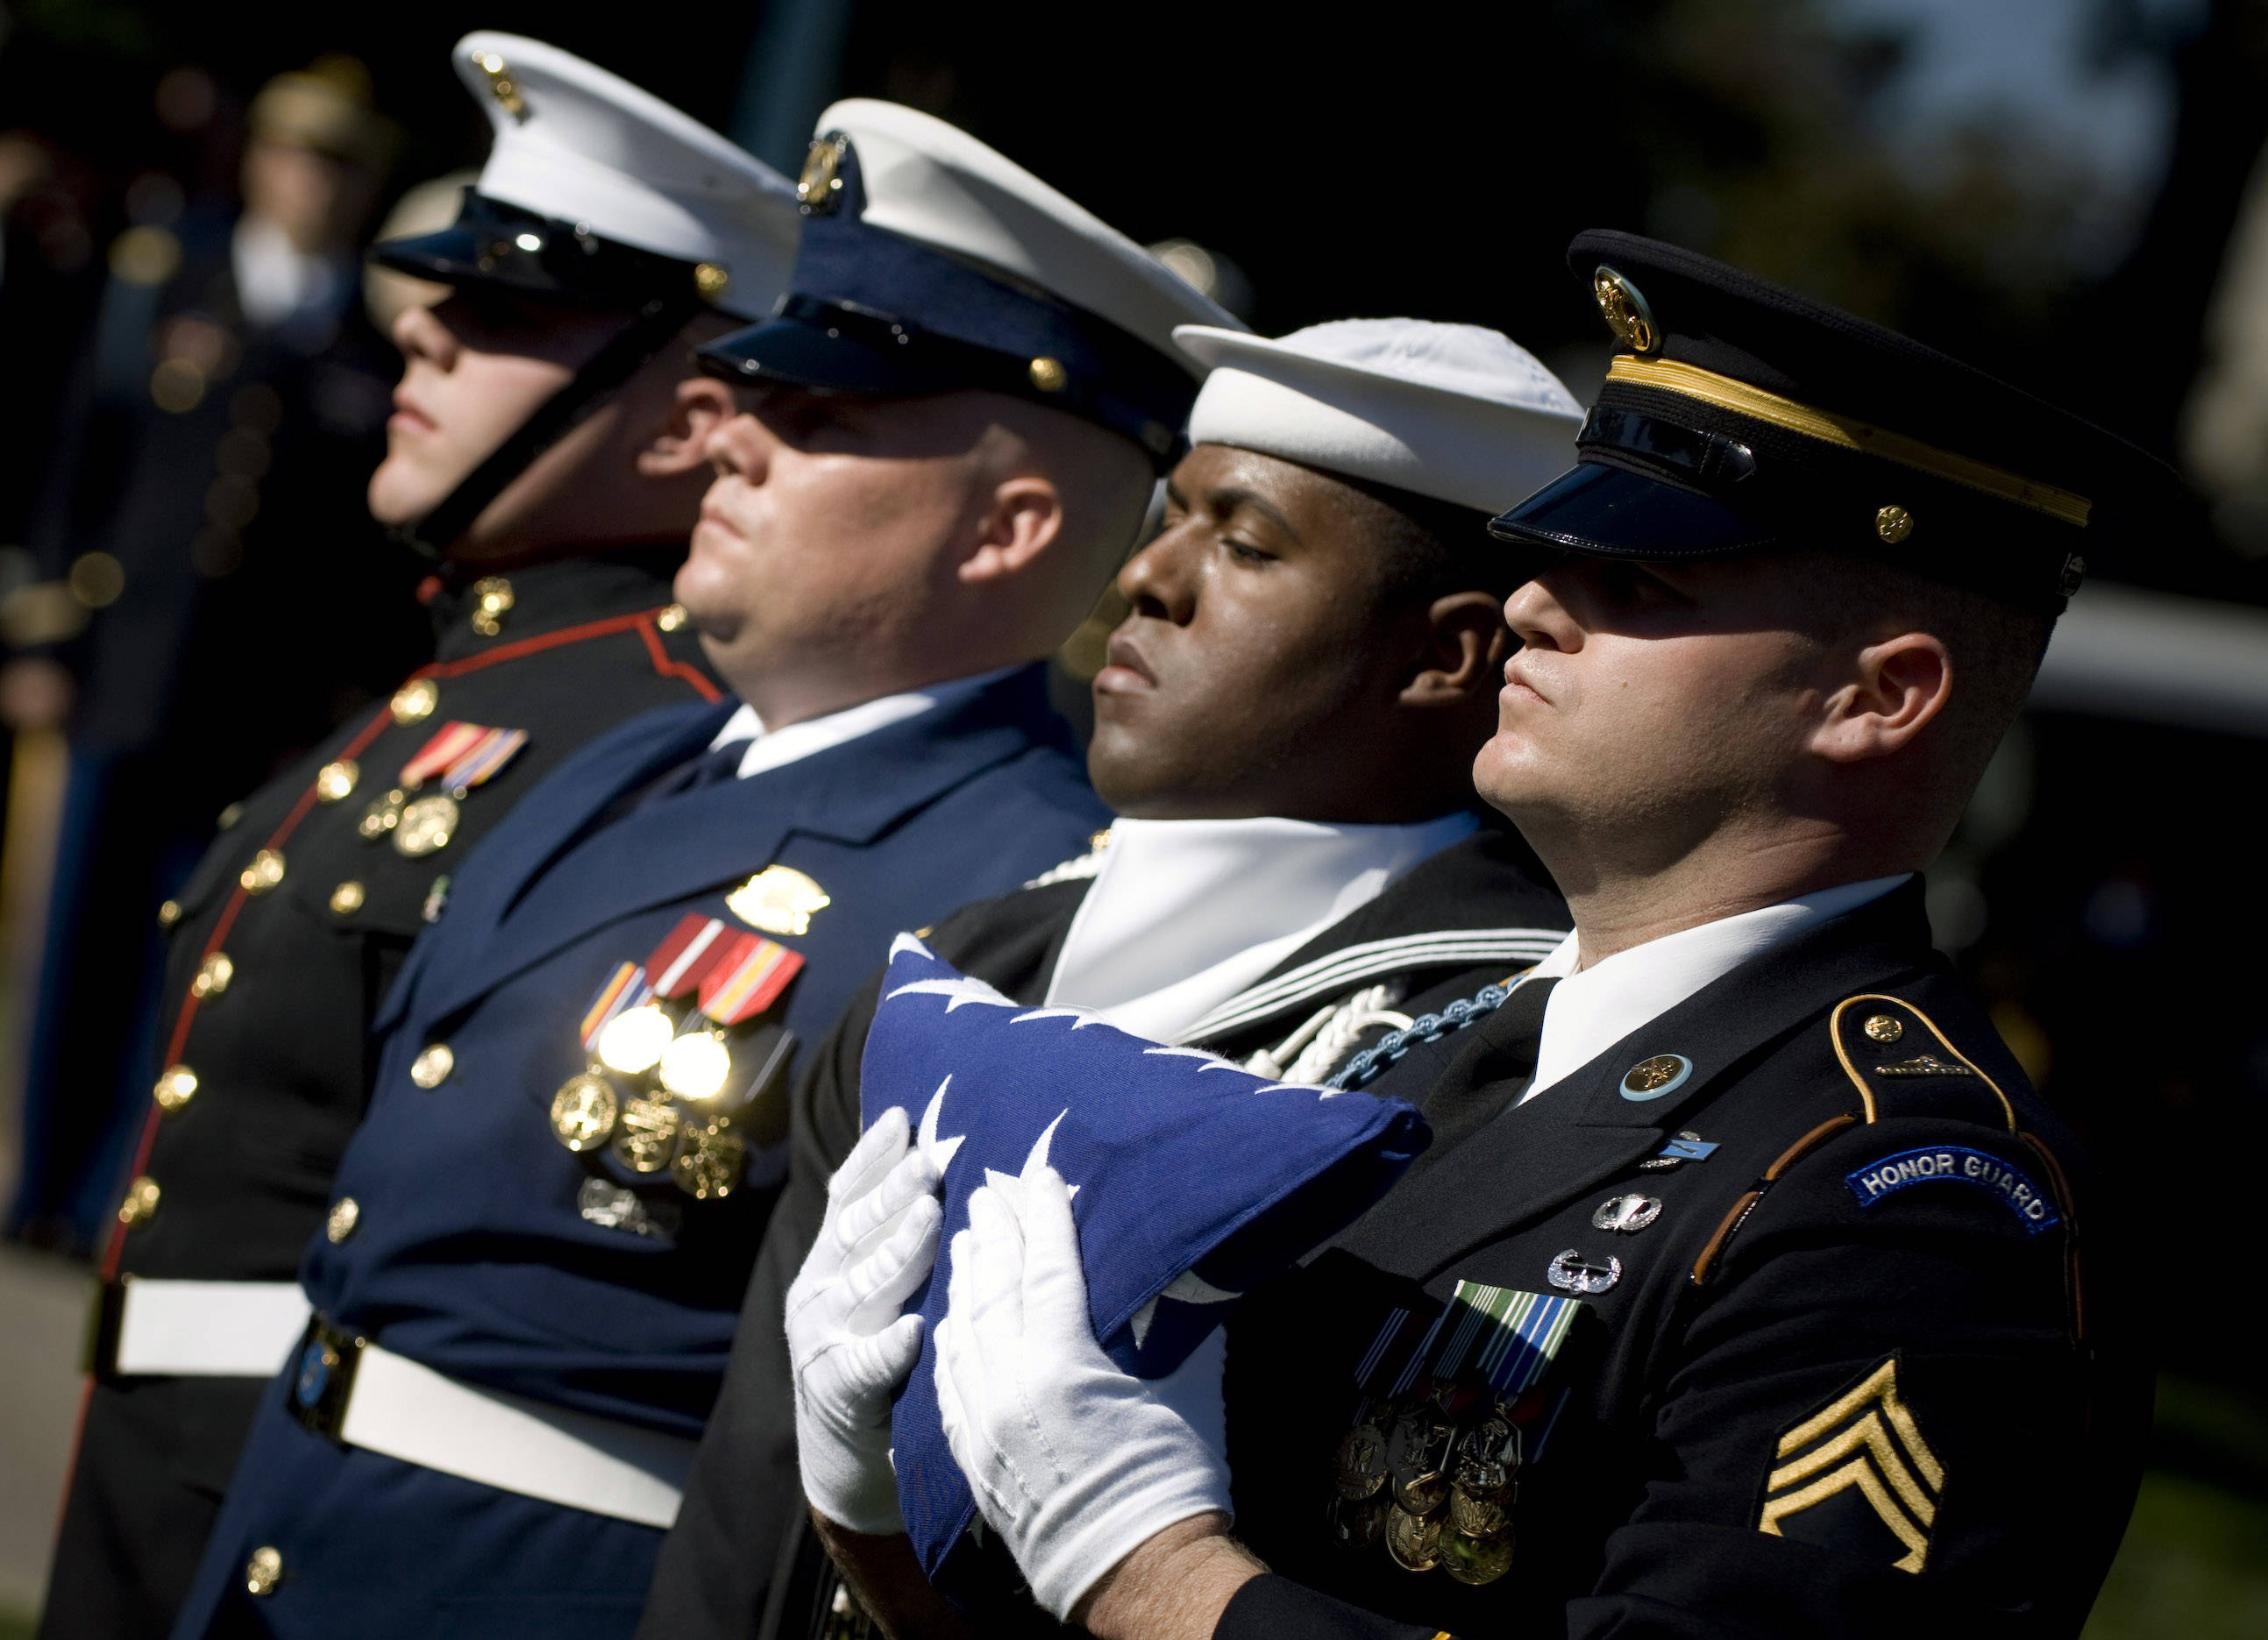 美国三军仪仗队,参加军葬礼,展示美军